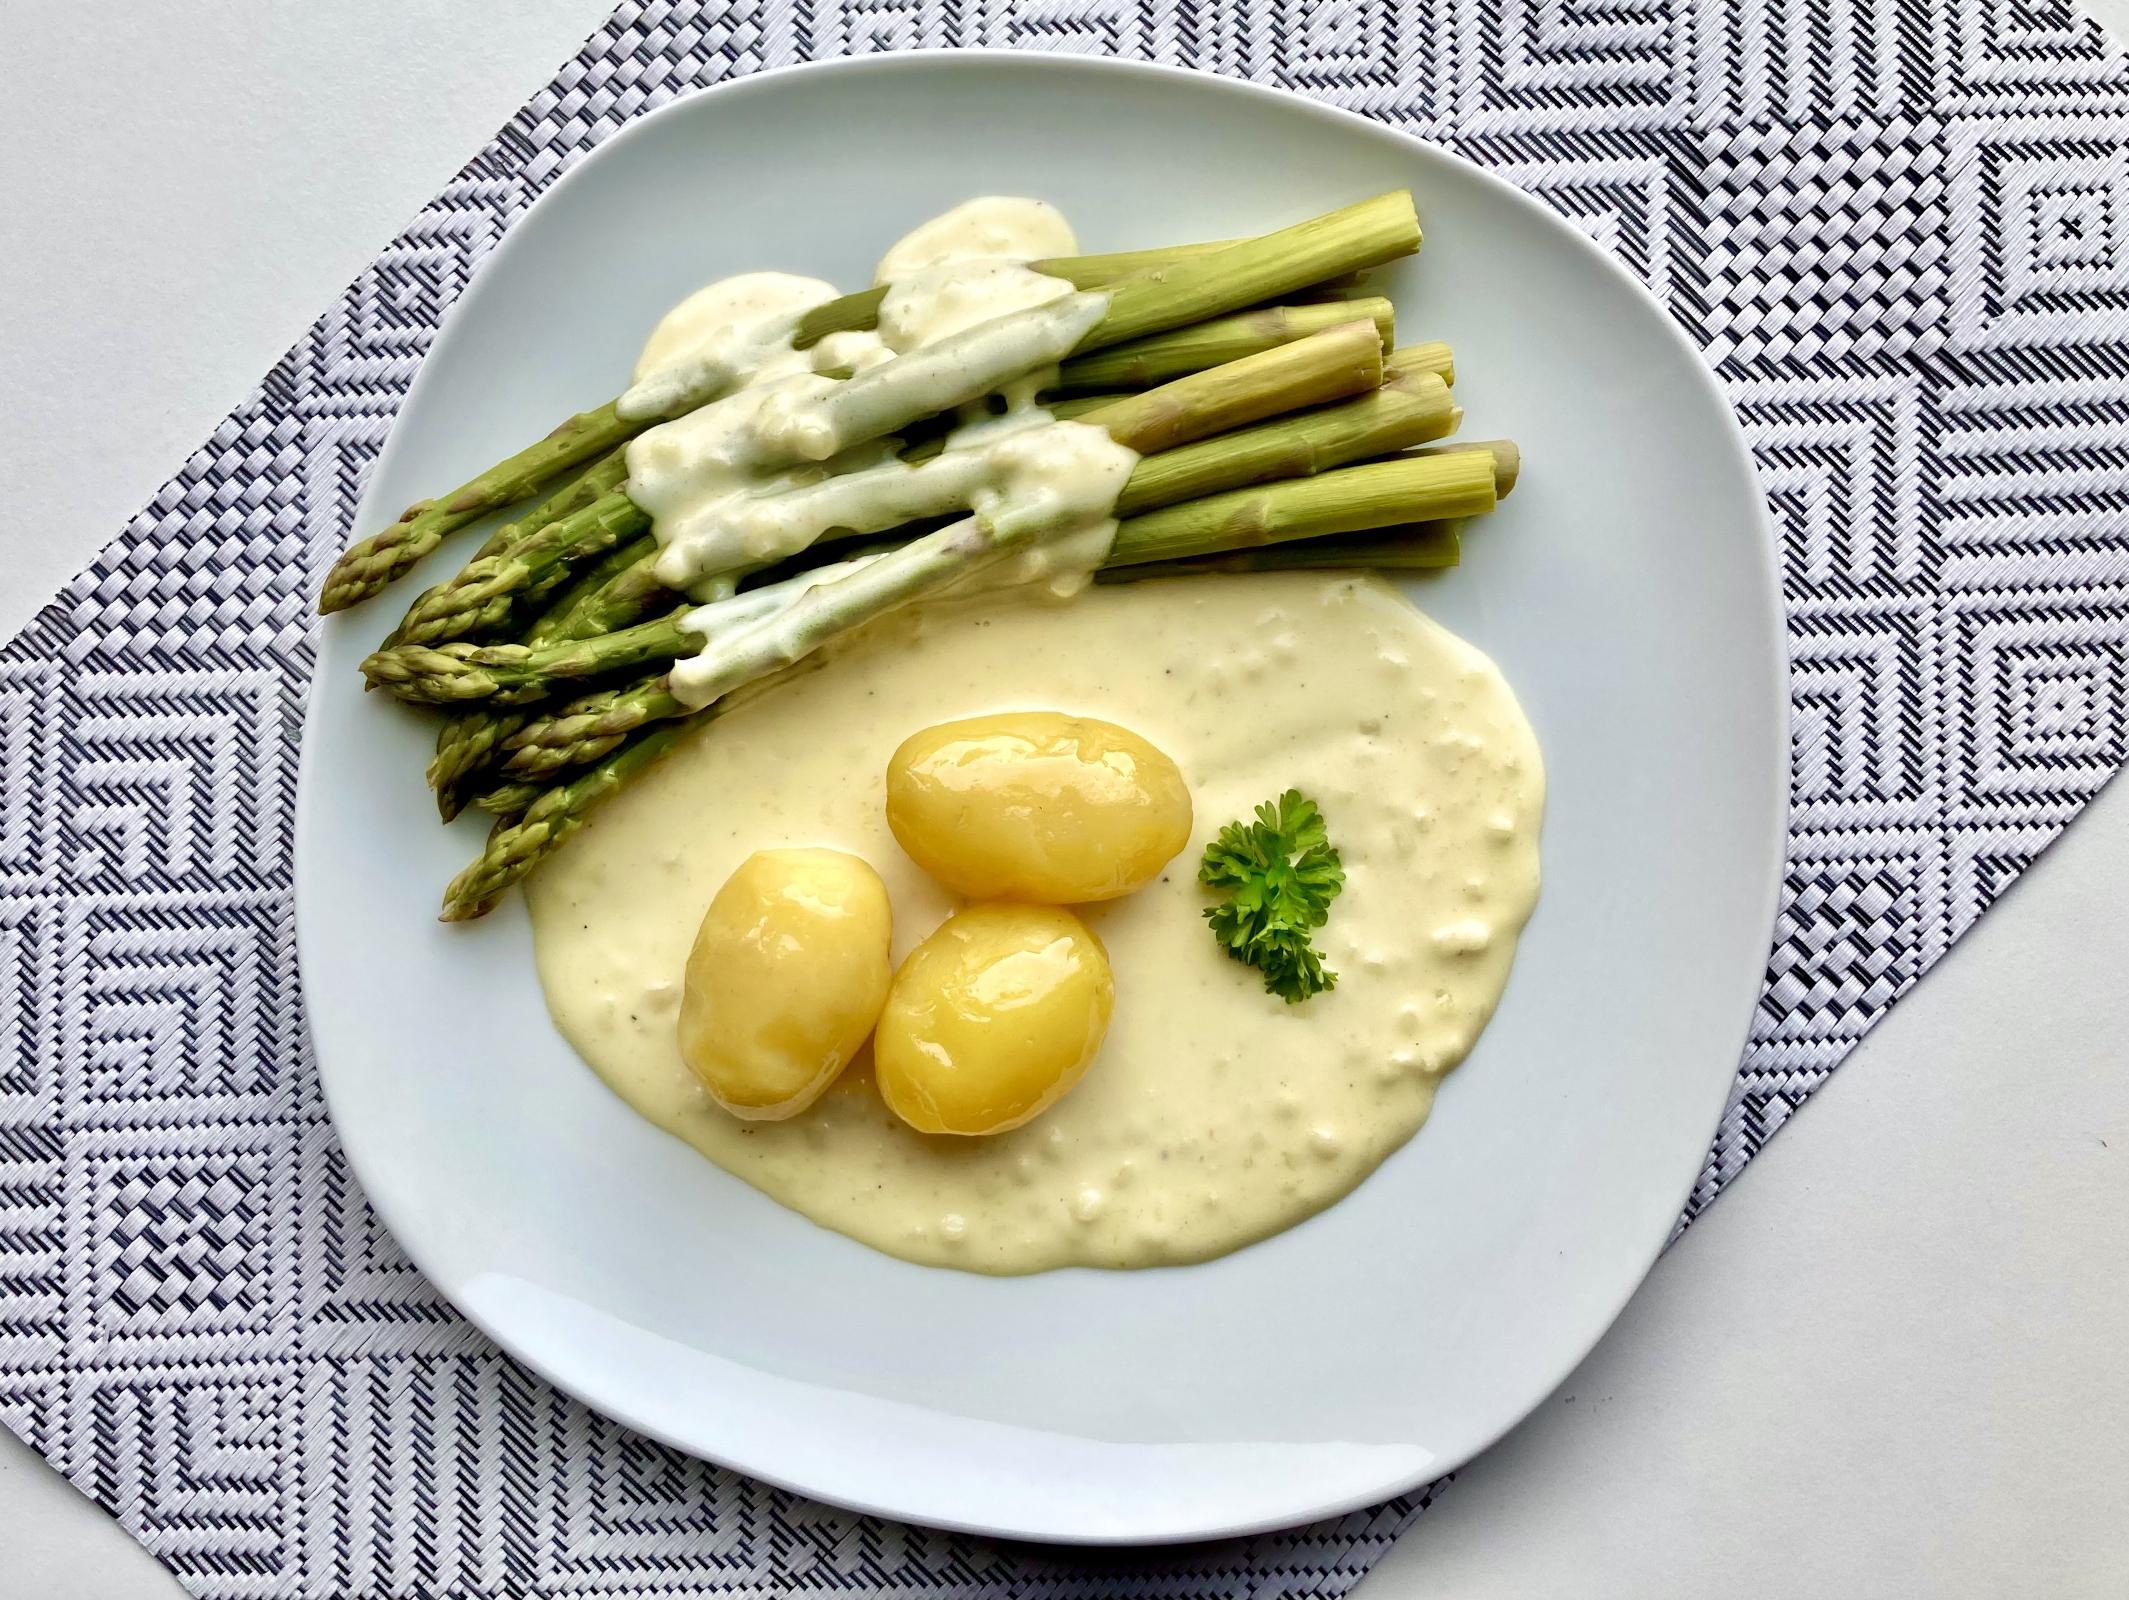 Grüner Spargel mit Kartoffeln und Zitronensauce